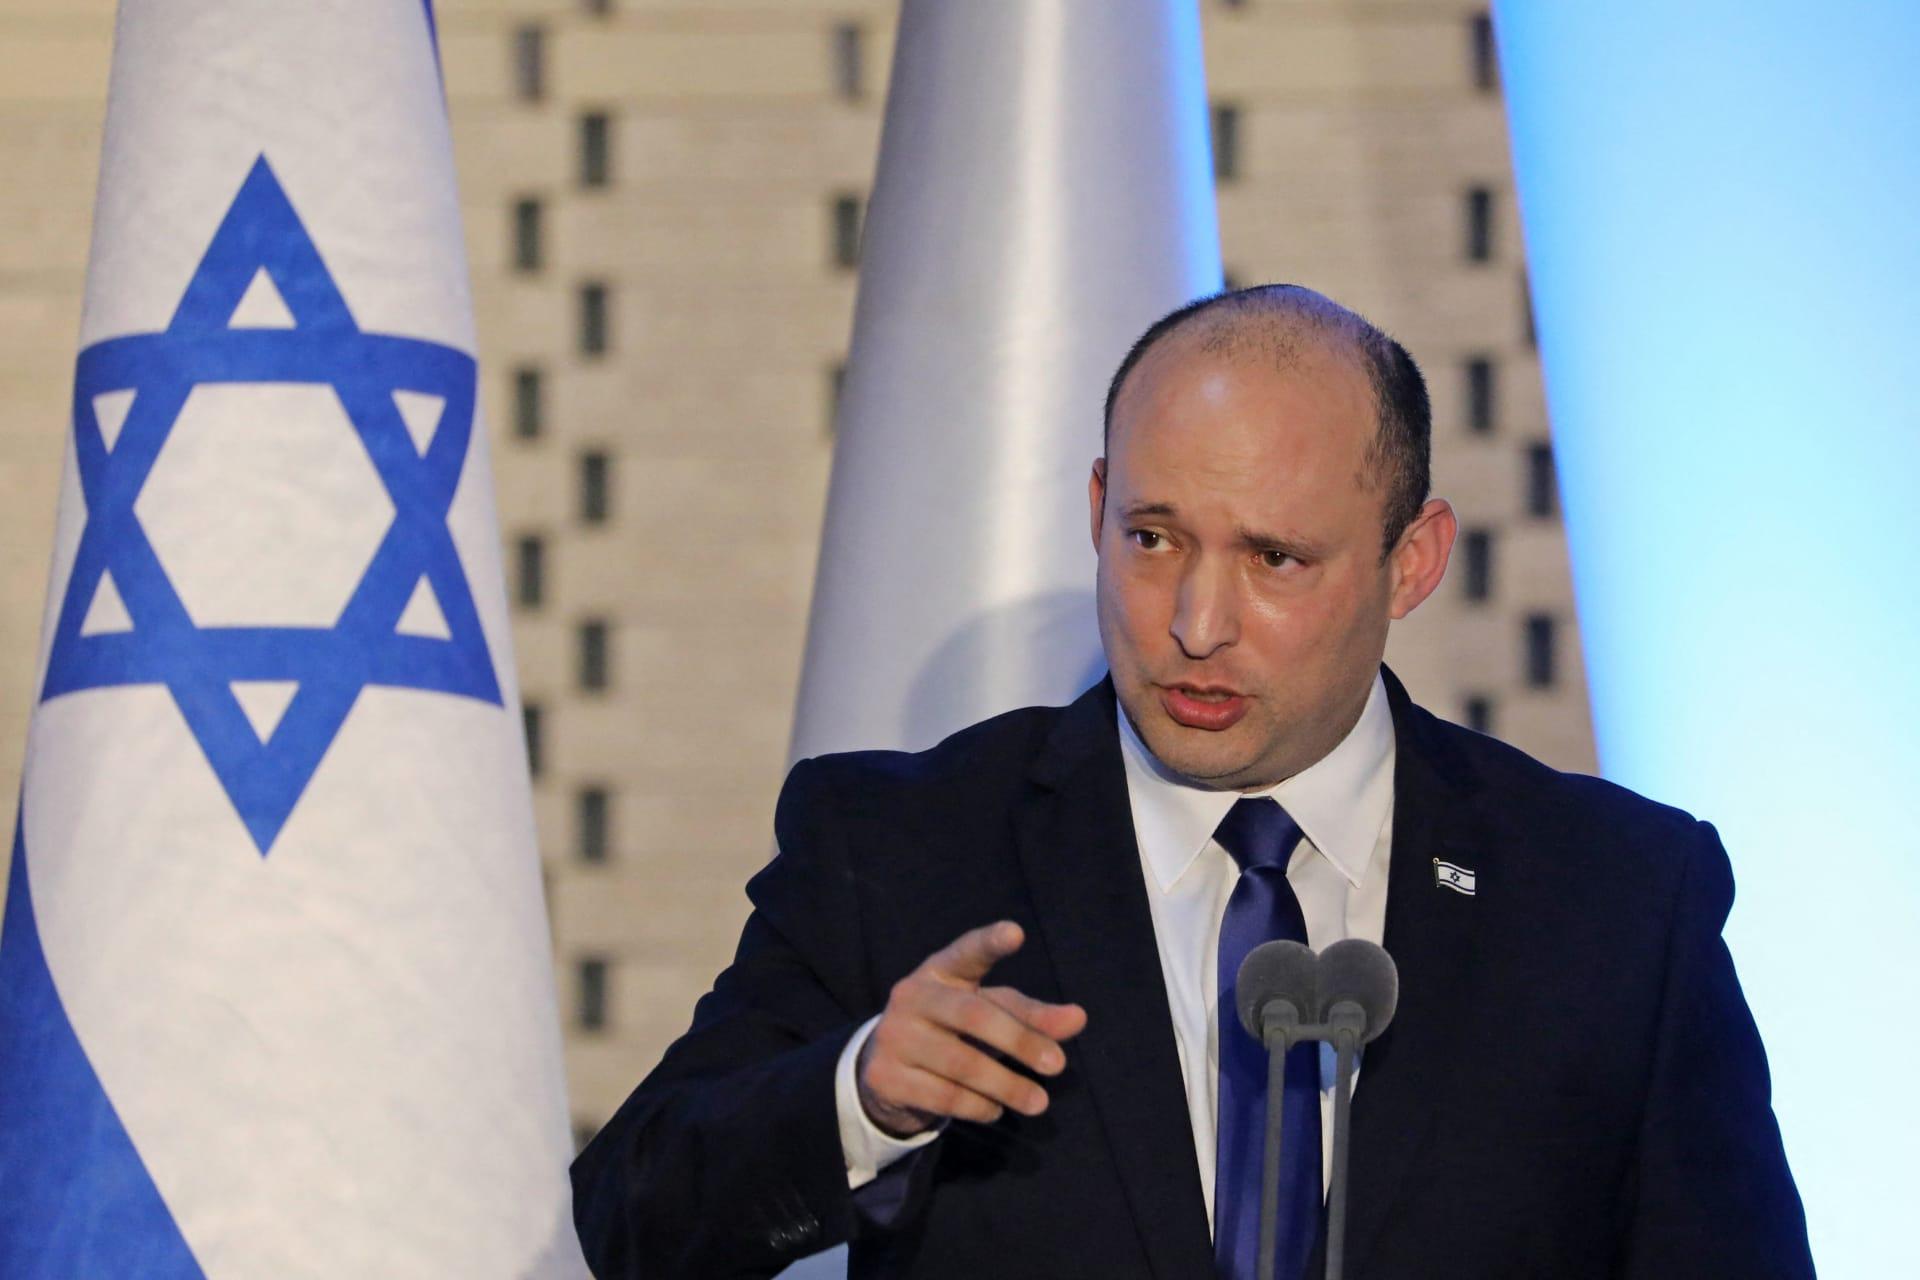 أول اتصال بين السيسي ورئيس وزراء إسرائيل.. وجندلمان: اتفقا على اللقاء قريبًا